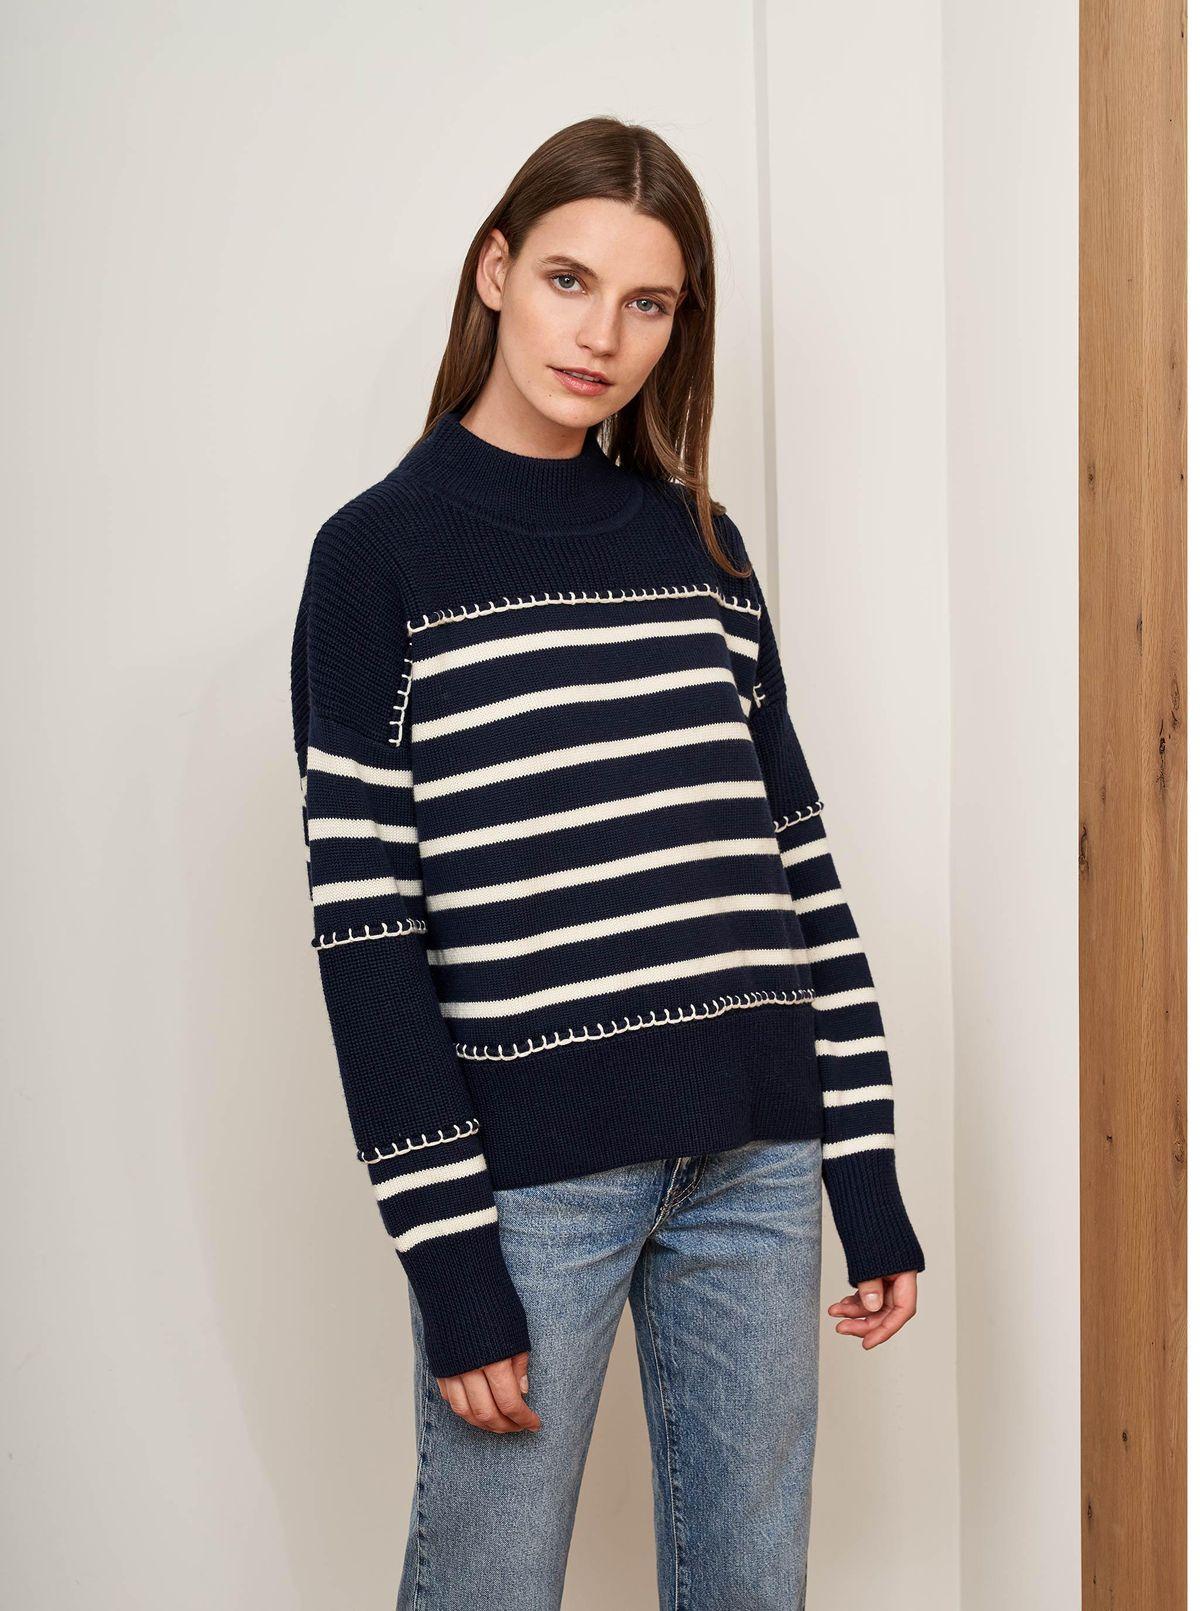 la ligne marine sweater